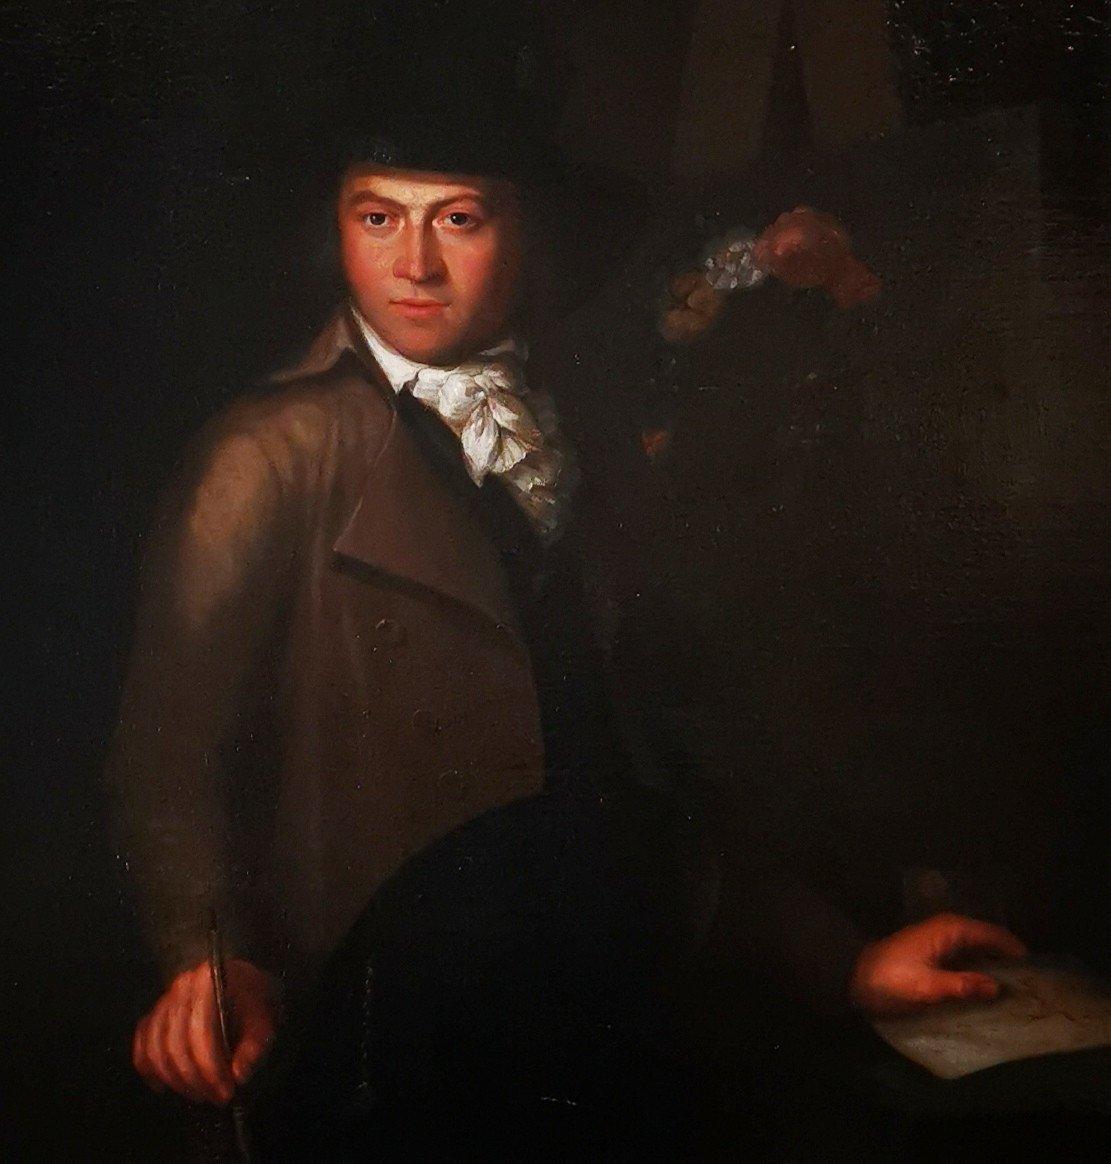 Autoportrait En Clair Obscur Du XVIIIème Siècle Vers 1770-1780.-photo-3